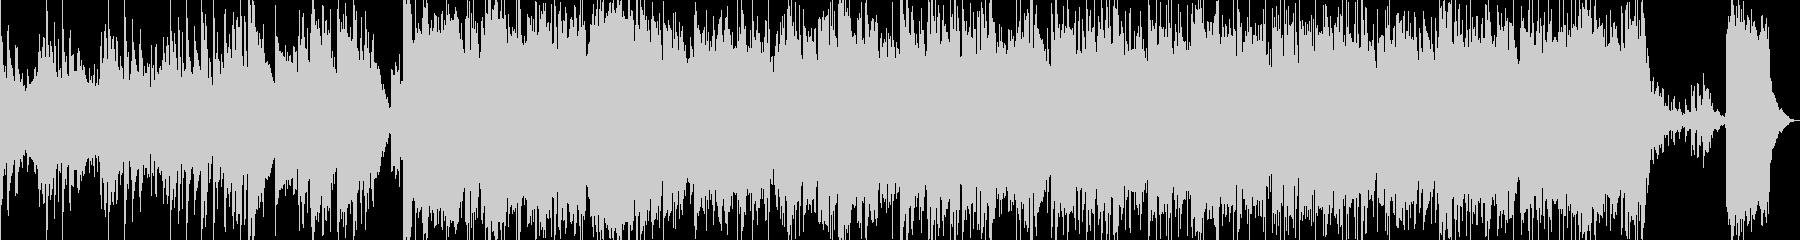 軽快なムード漂うBGMの未再生の波形